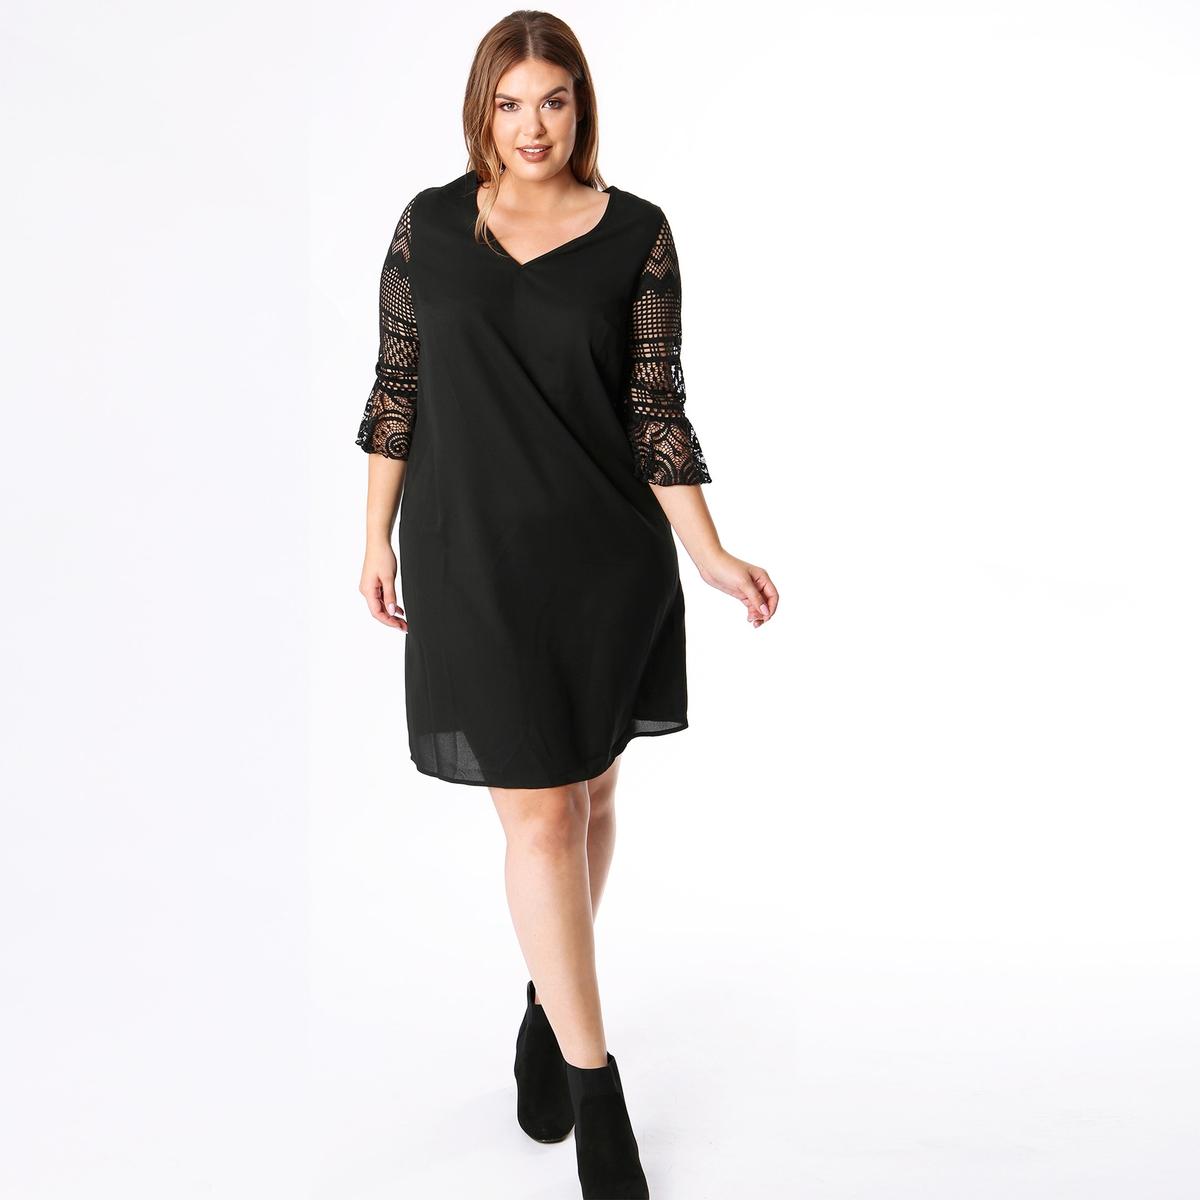 Платье с V-образным вырезом, воланами и рукавами 3/4 туника с однотонным v образным вырезом с длинными рукавами с воланами